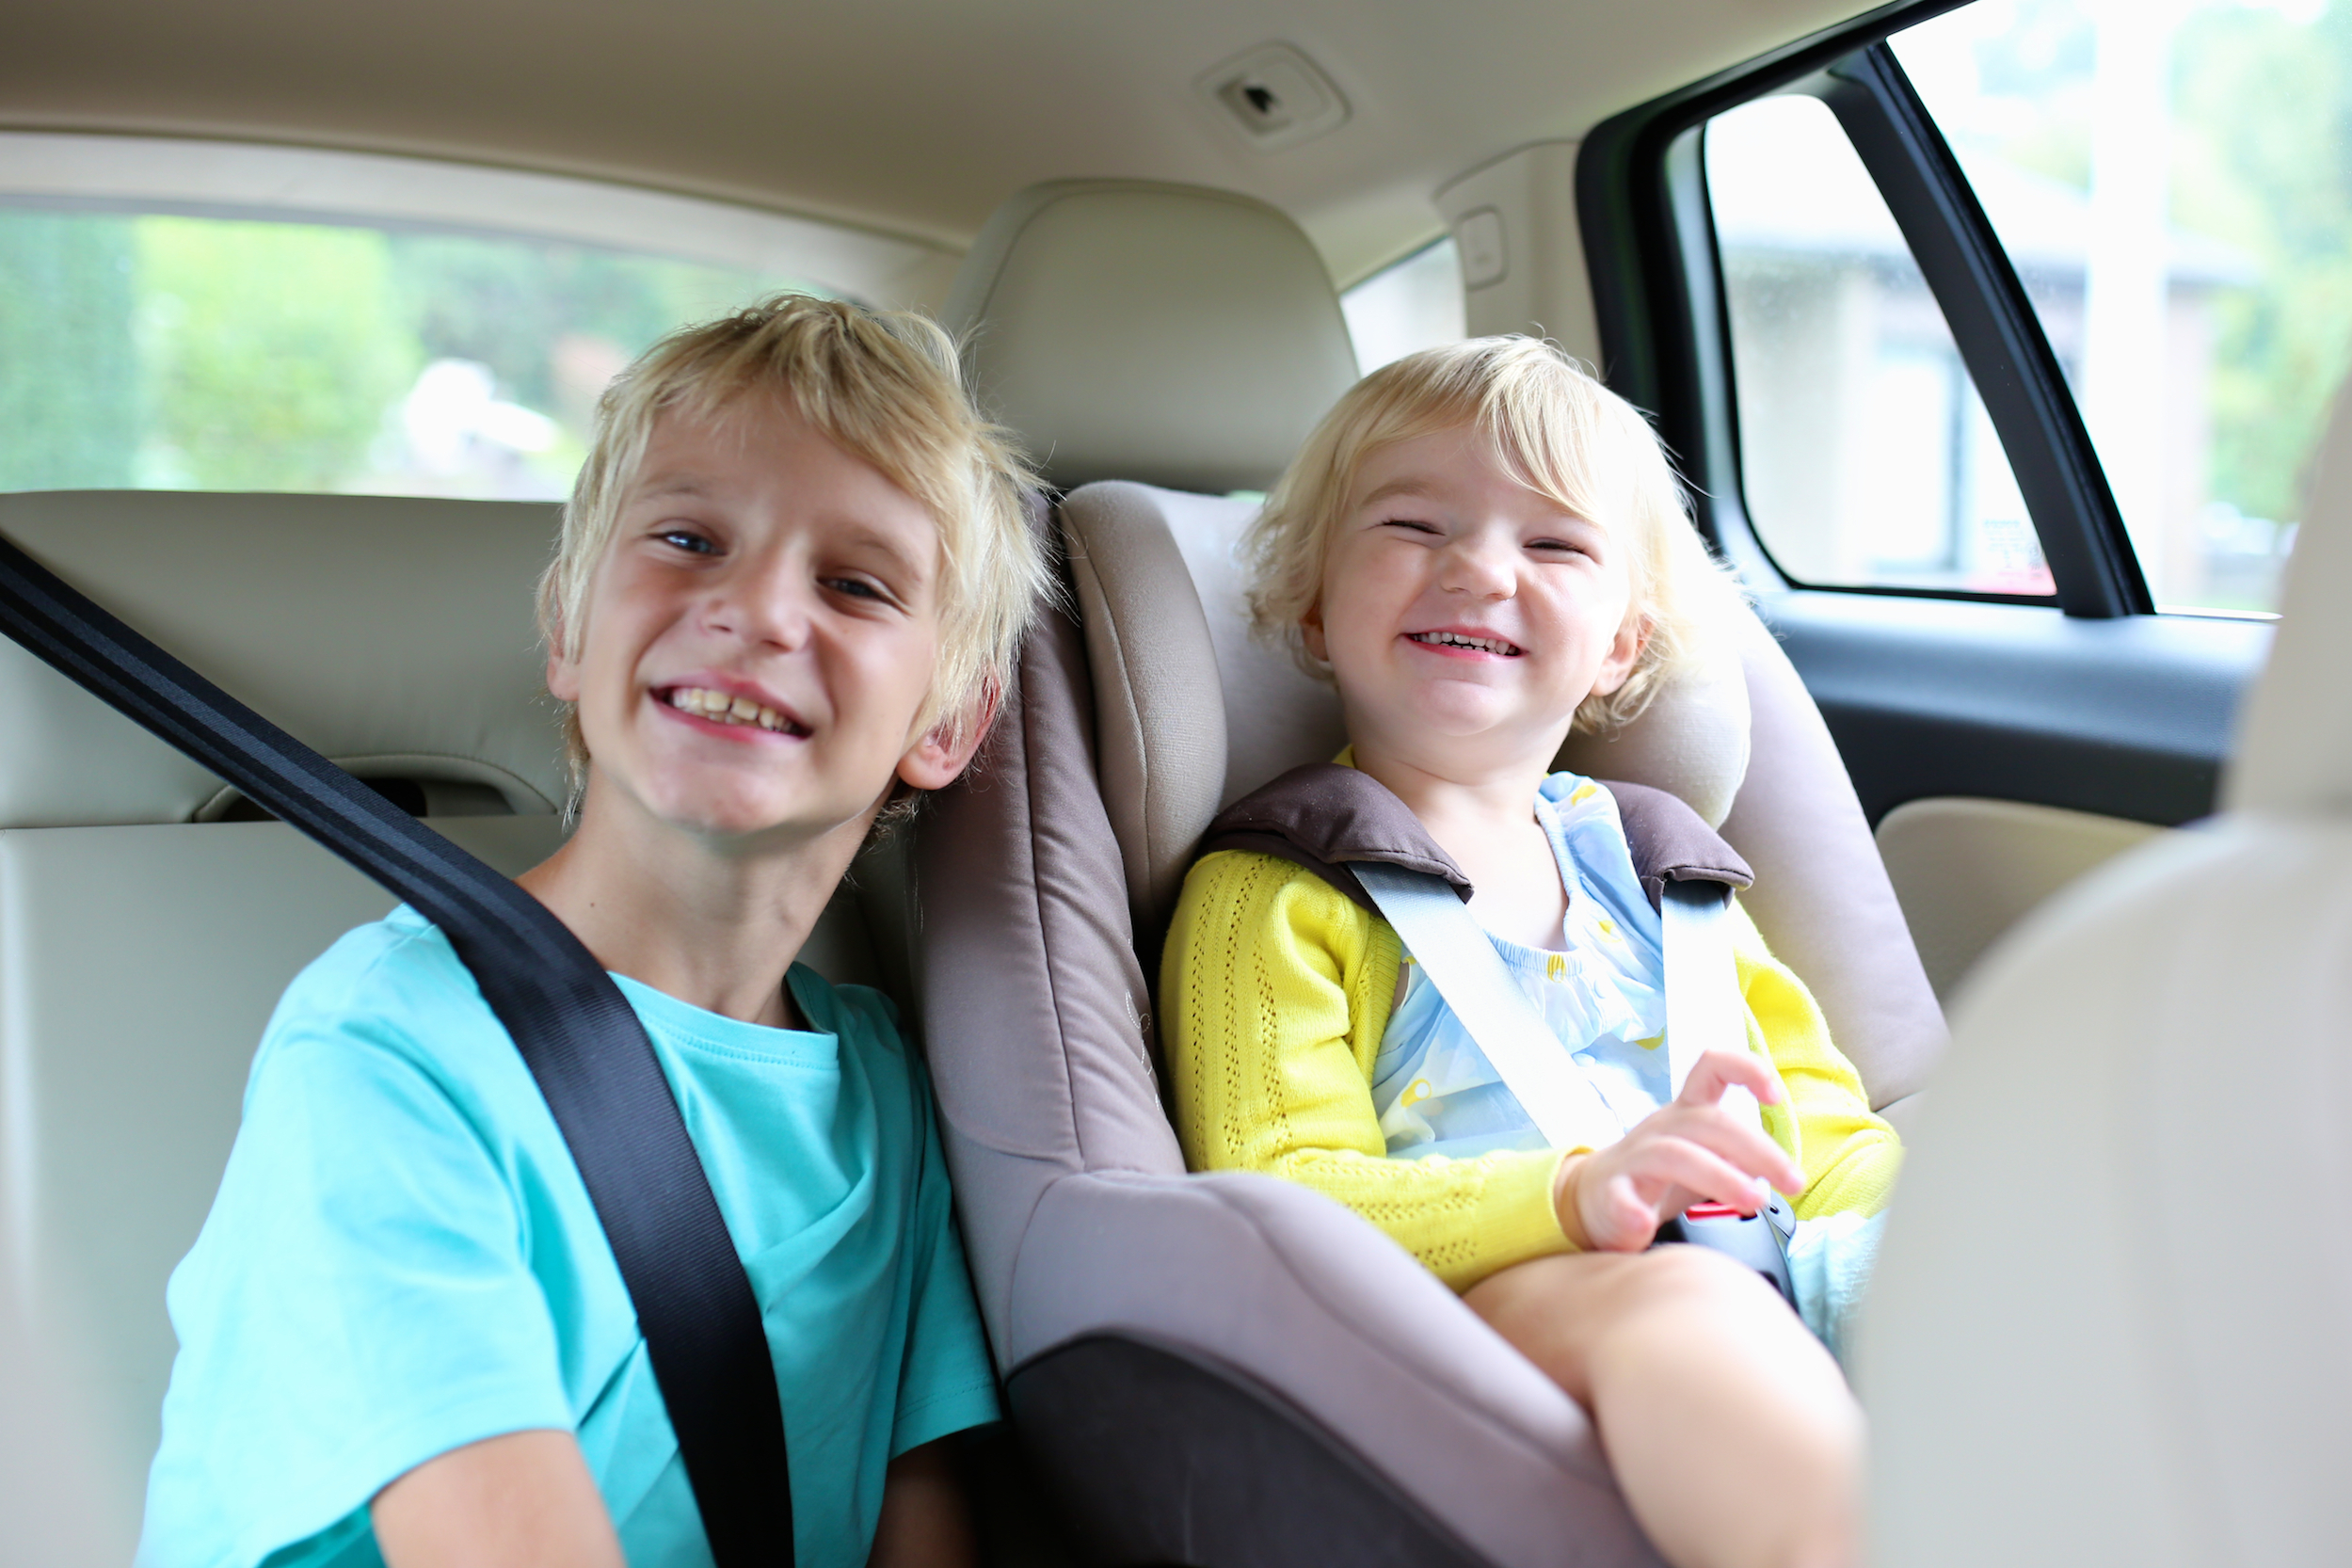 Перевозка детей в автомобиле. Правила перевозки детей 53